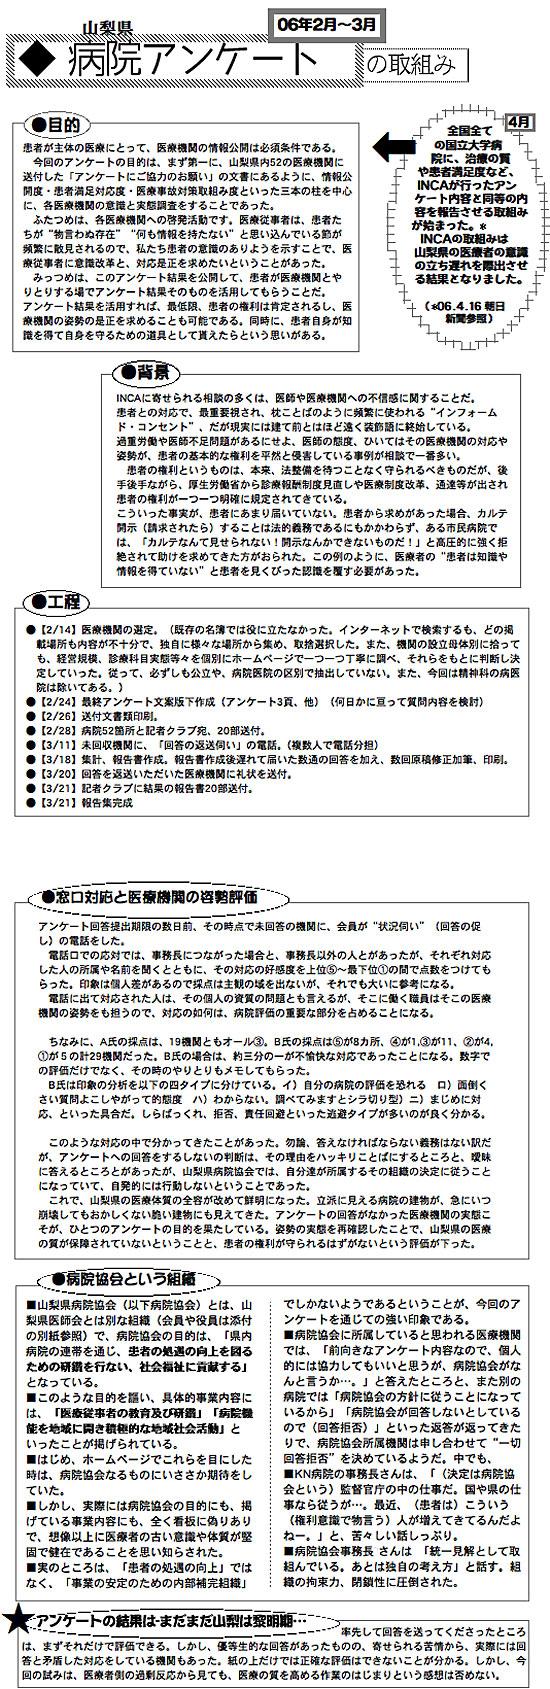 2006年病院アンケート集計の要約